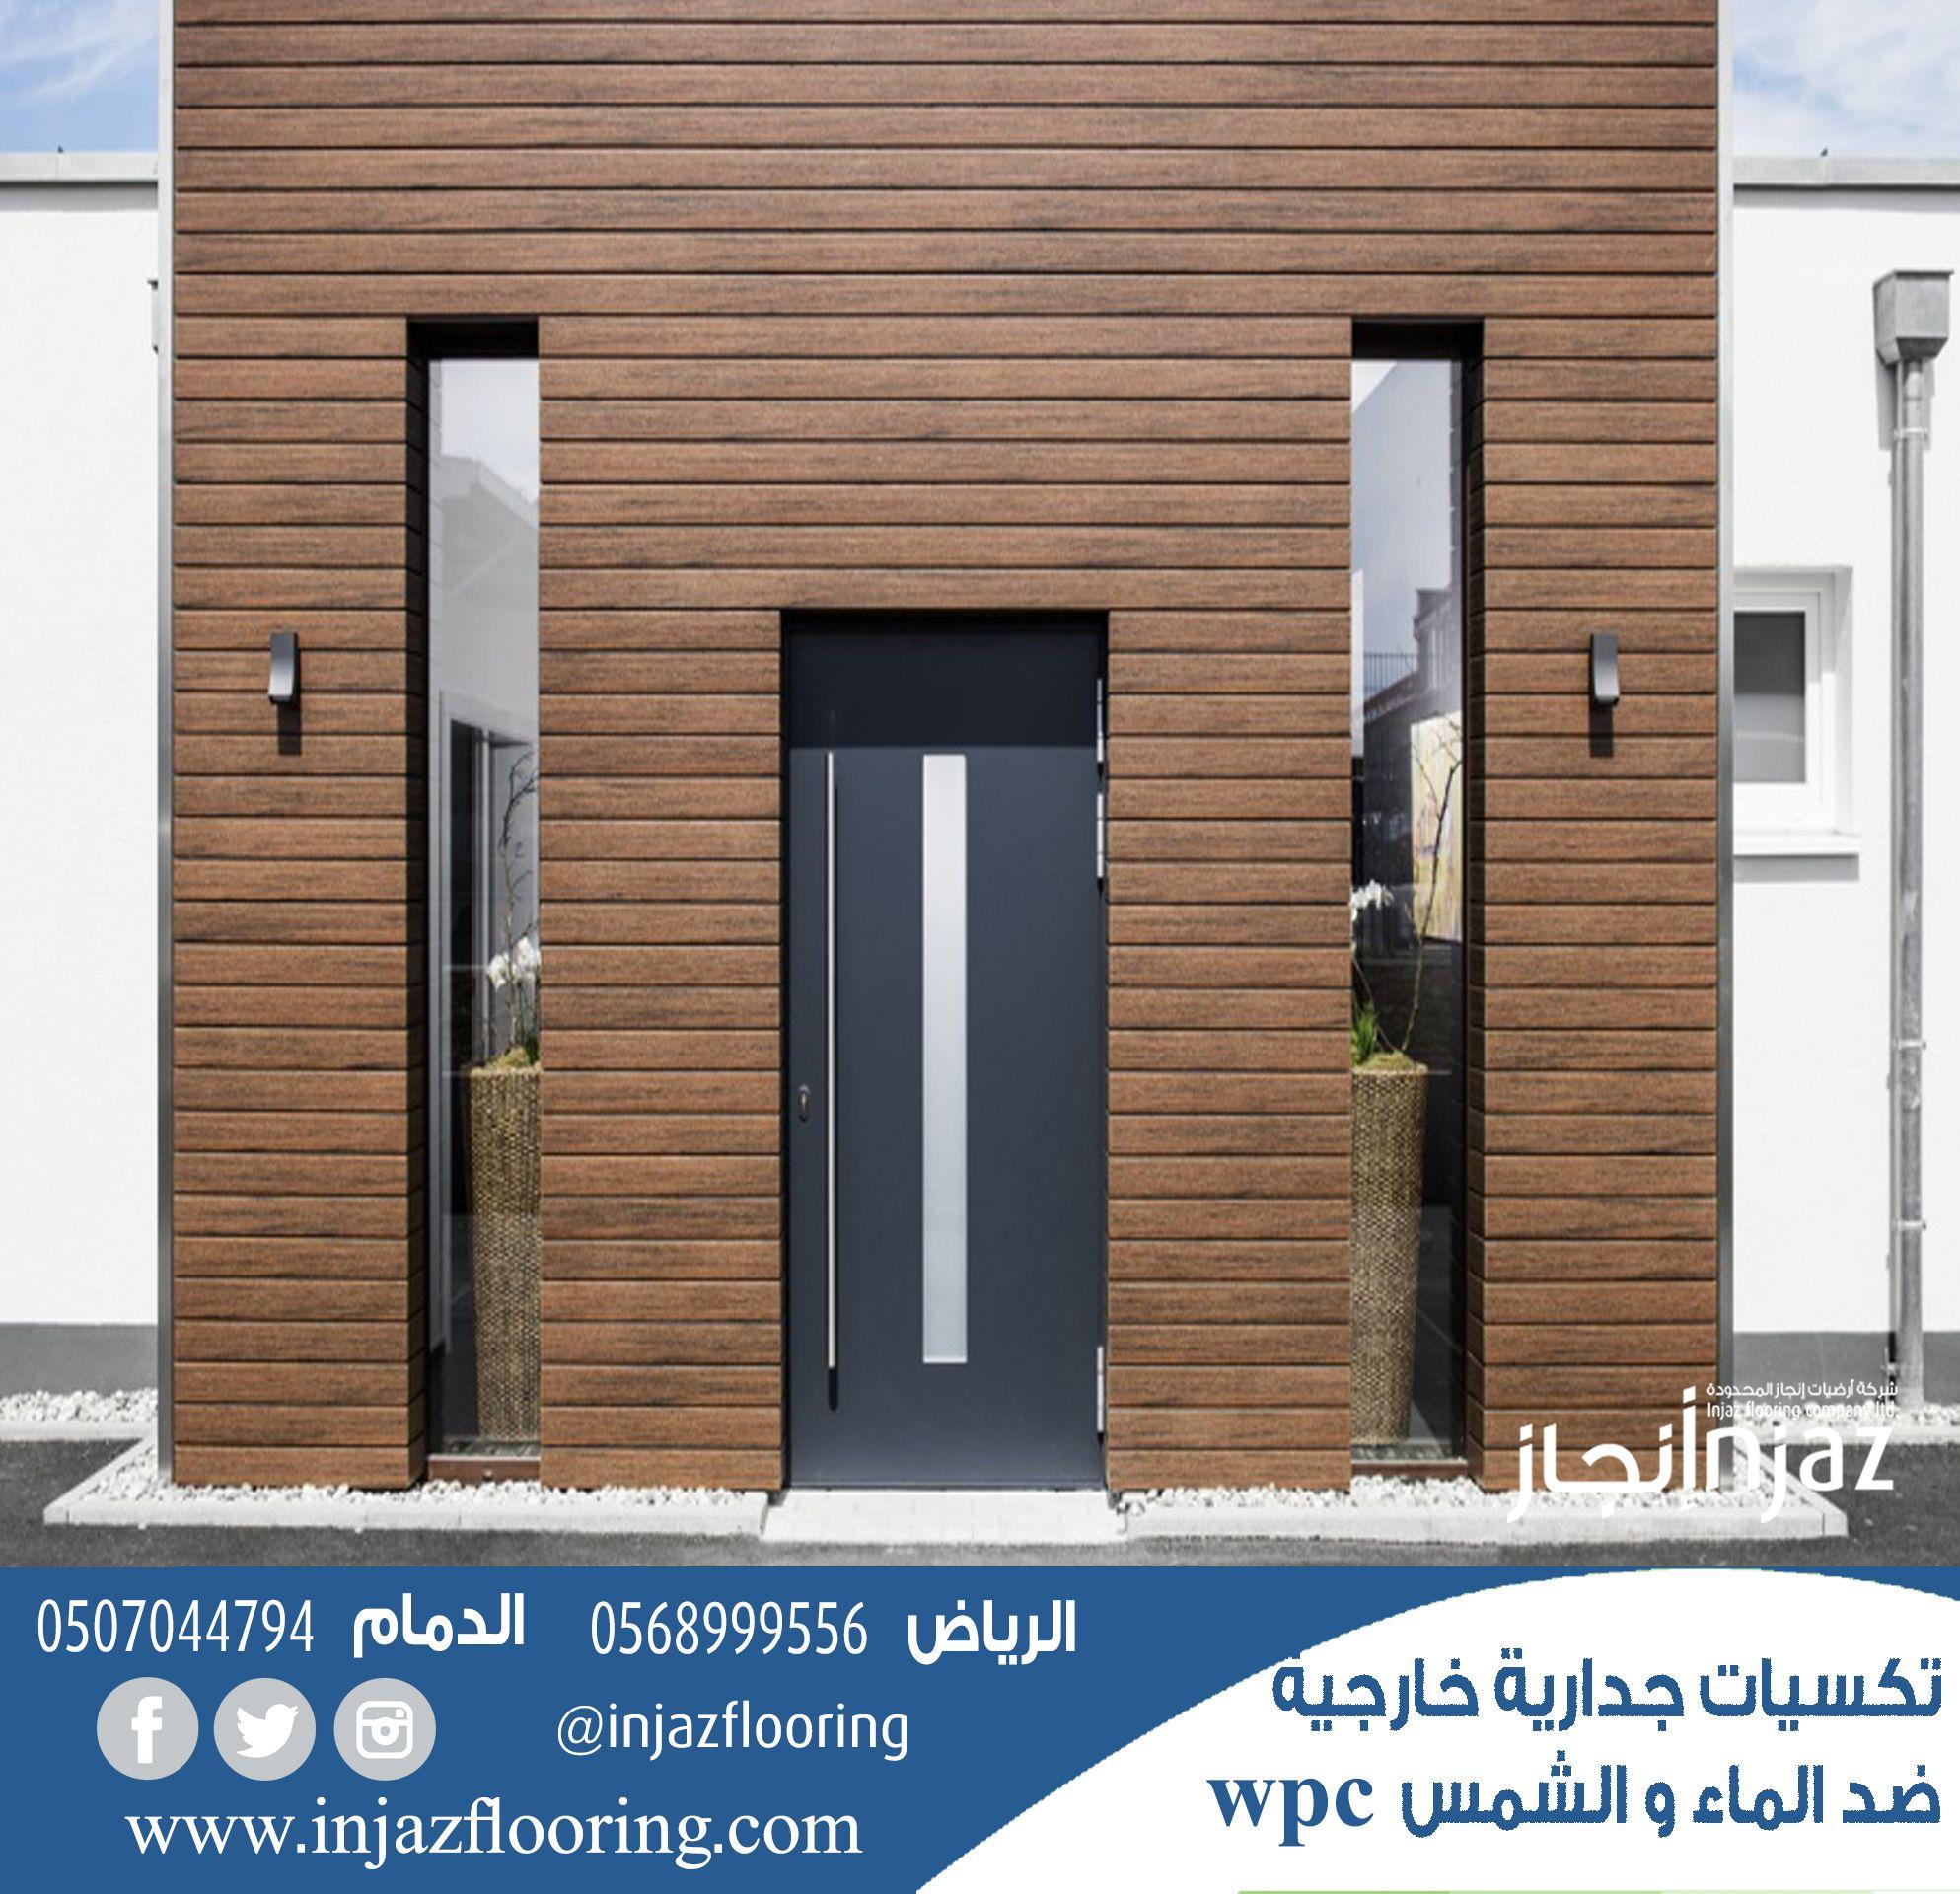 تكسيات جدران خارجية Modern House Facades Door Glass Design Facade House